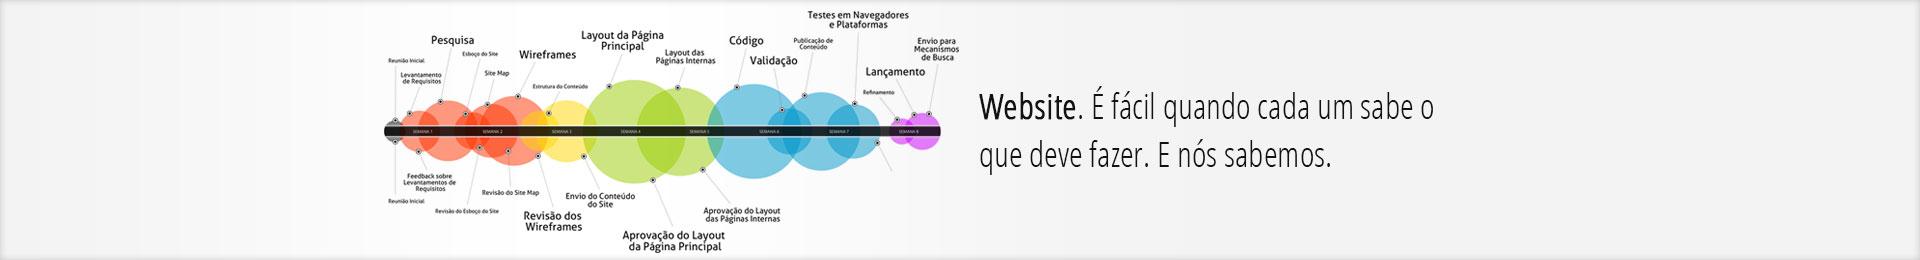 Painel mostrando como é um projeto de website